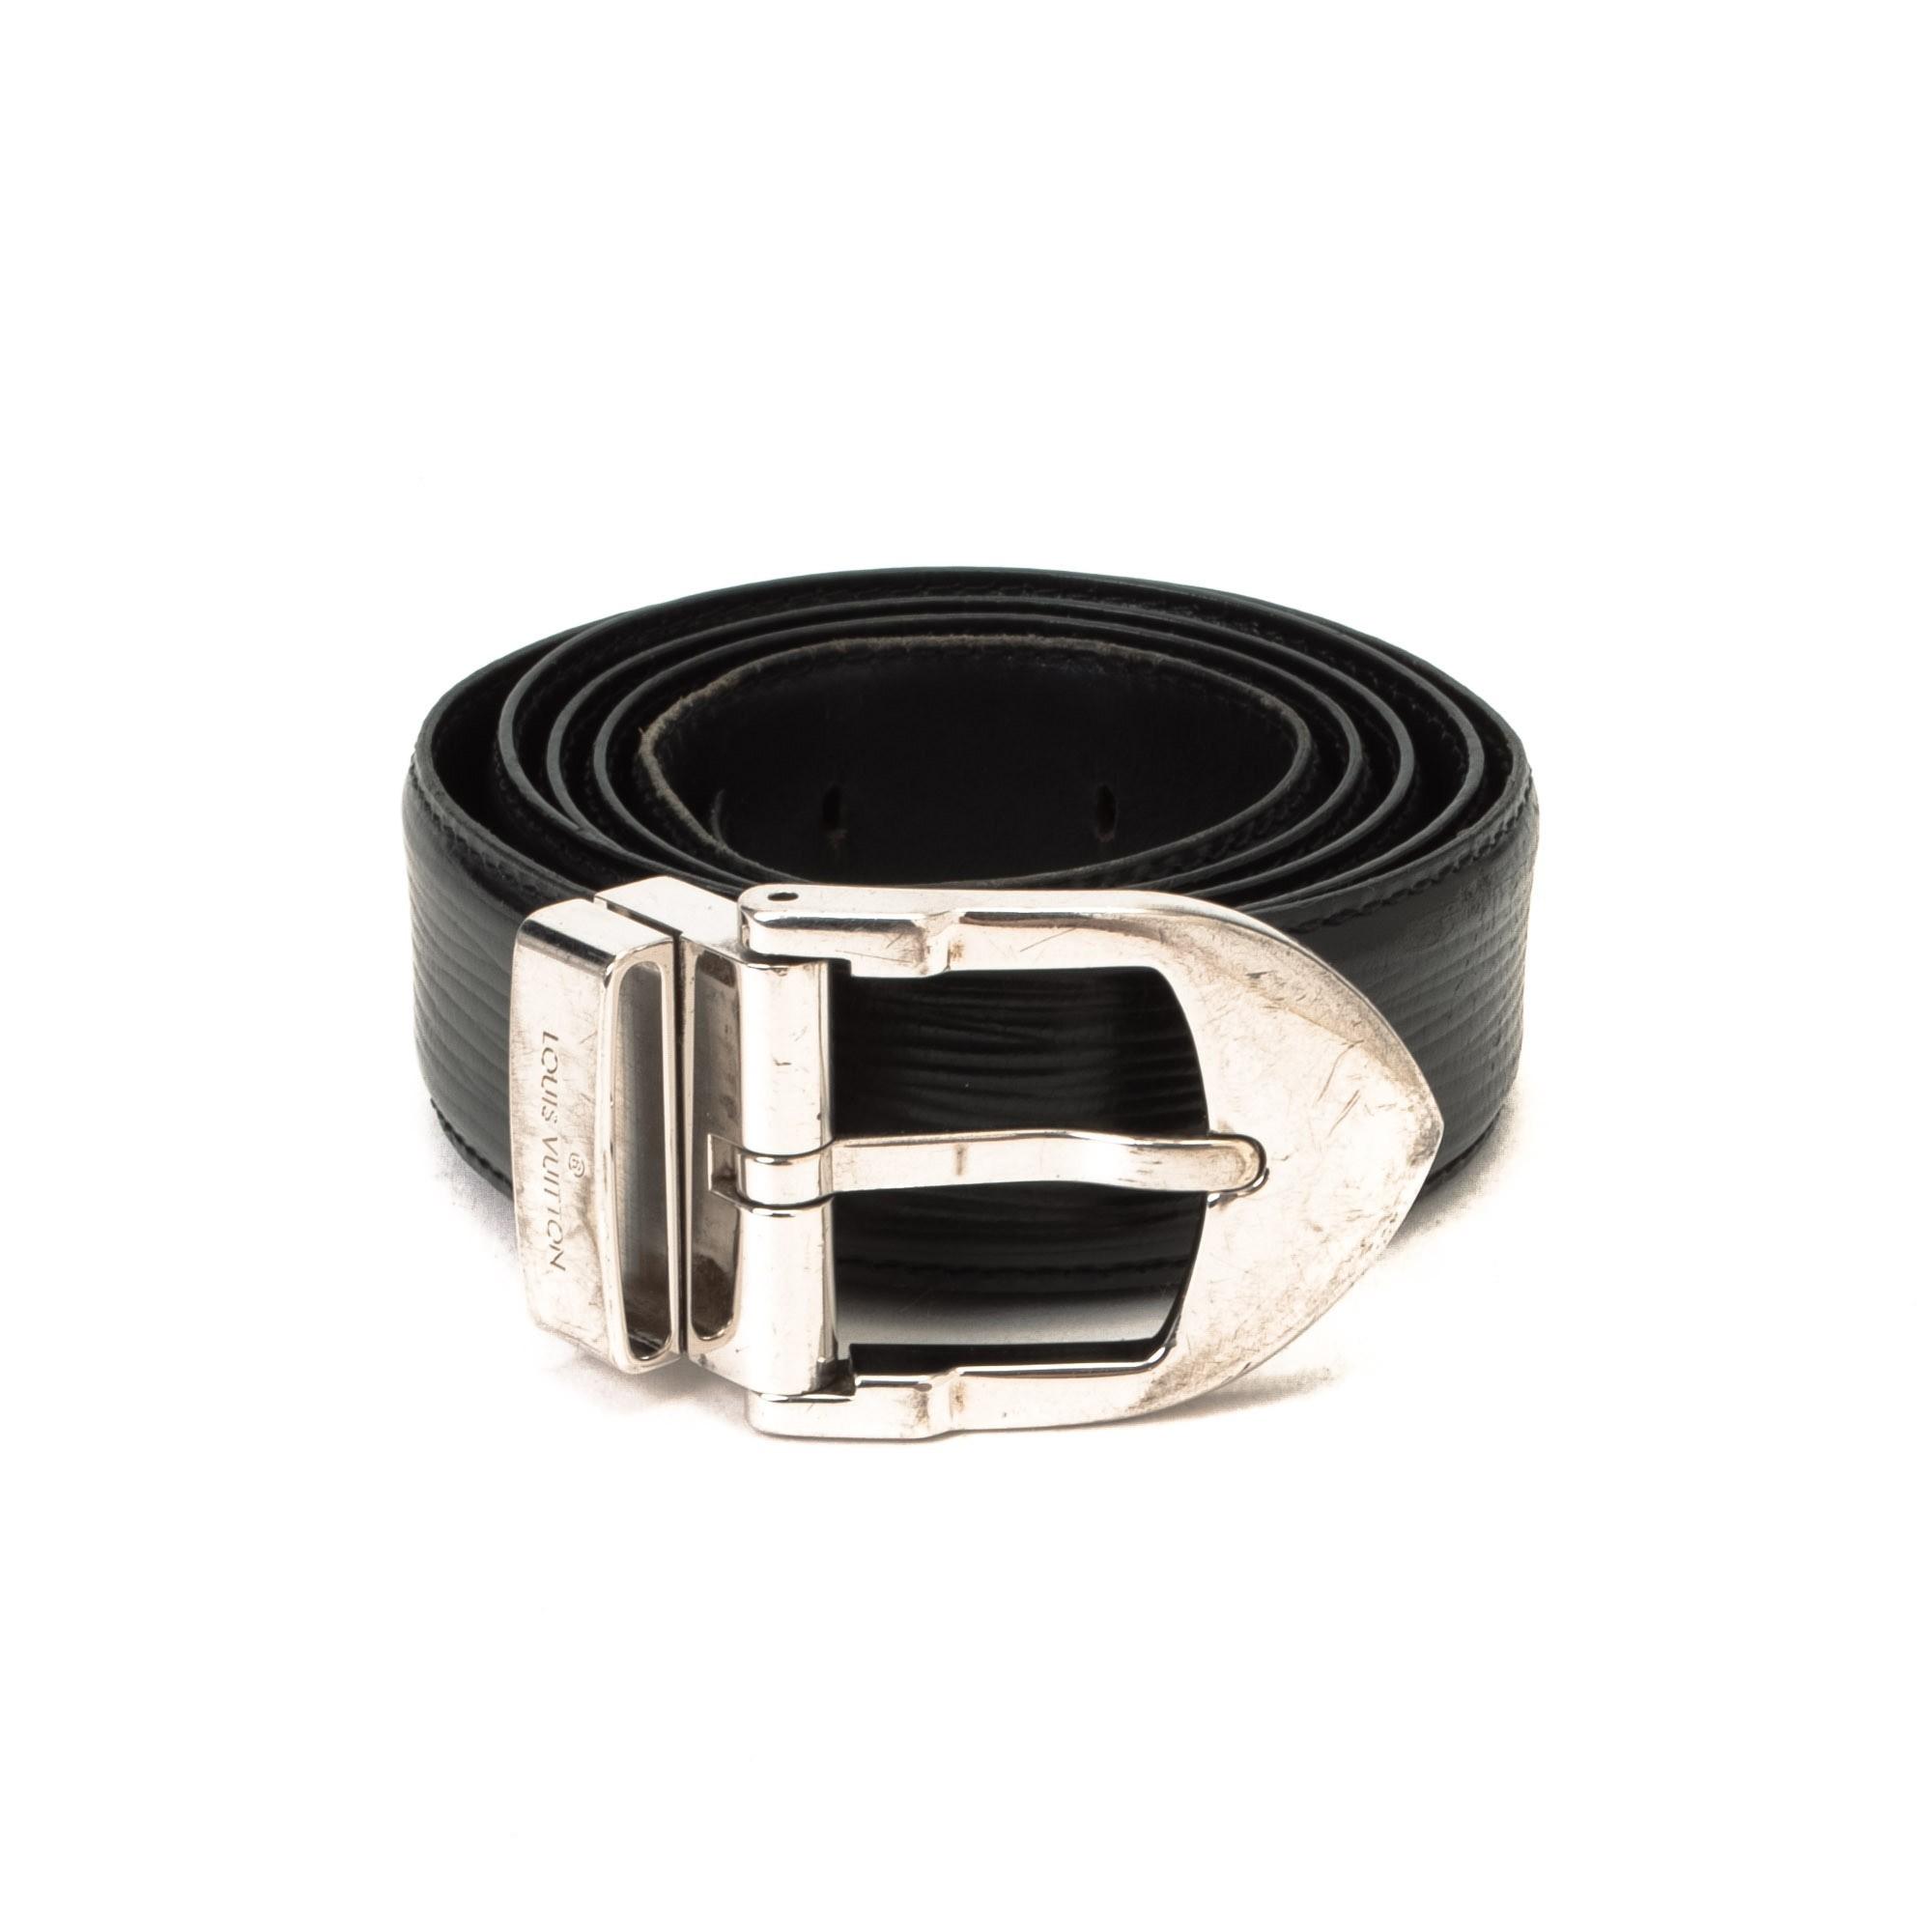 Louis Vuitton Ceinture Classique belt Epi Black Leather Belt ...